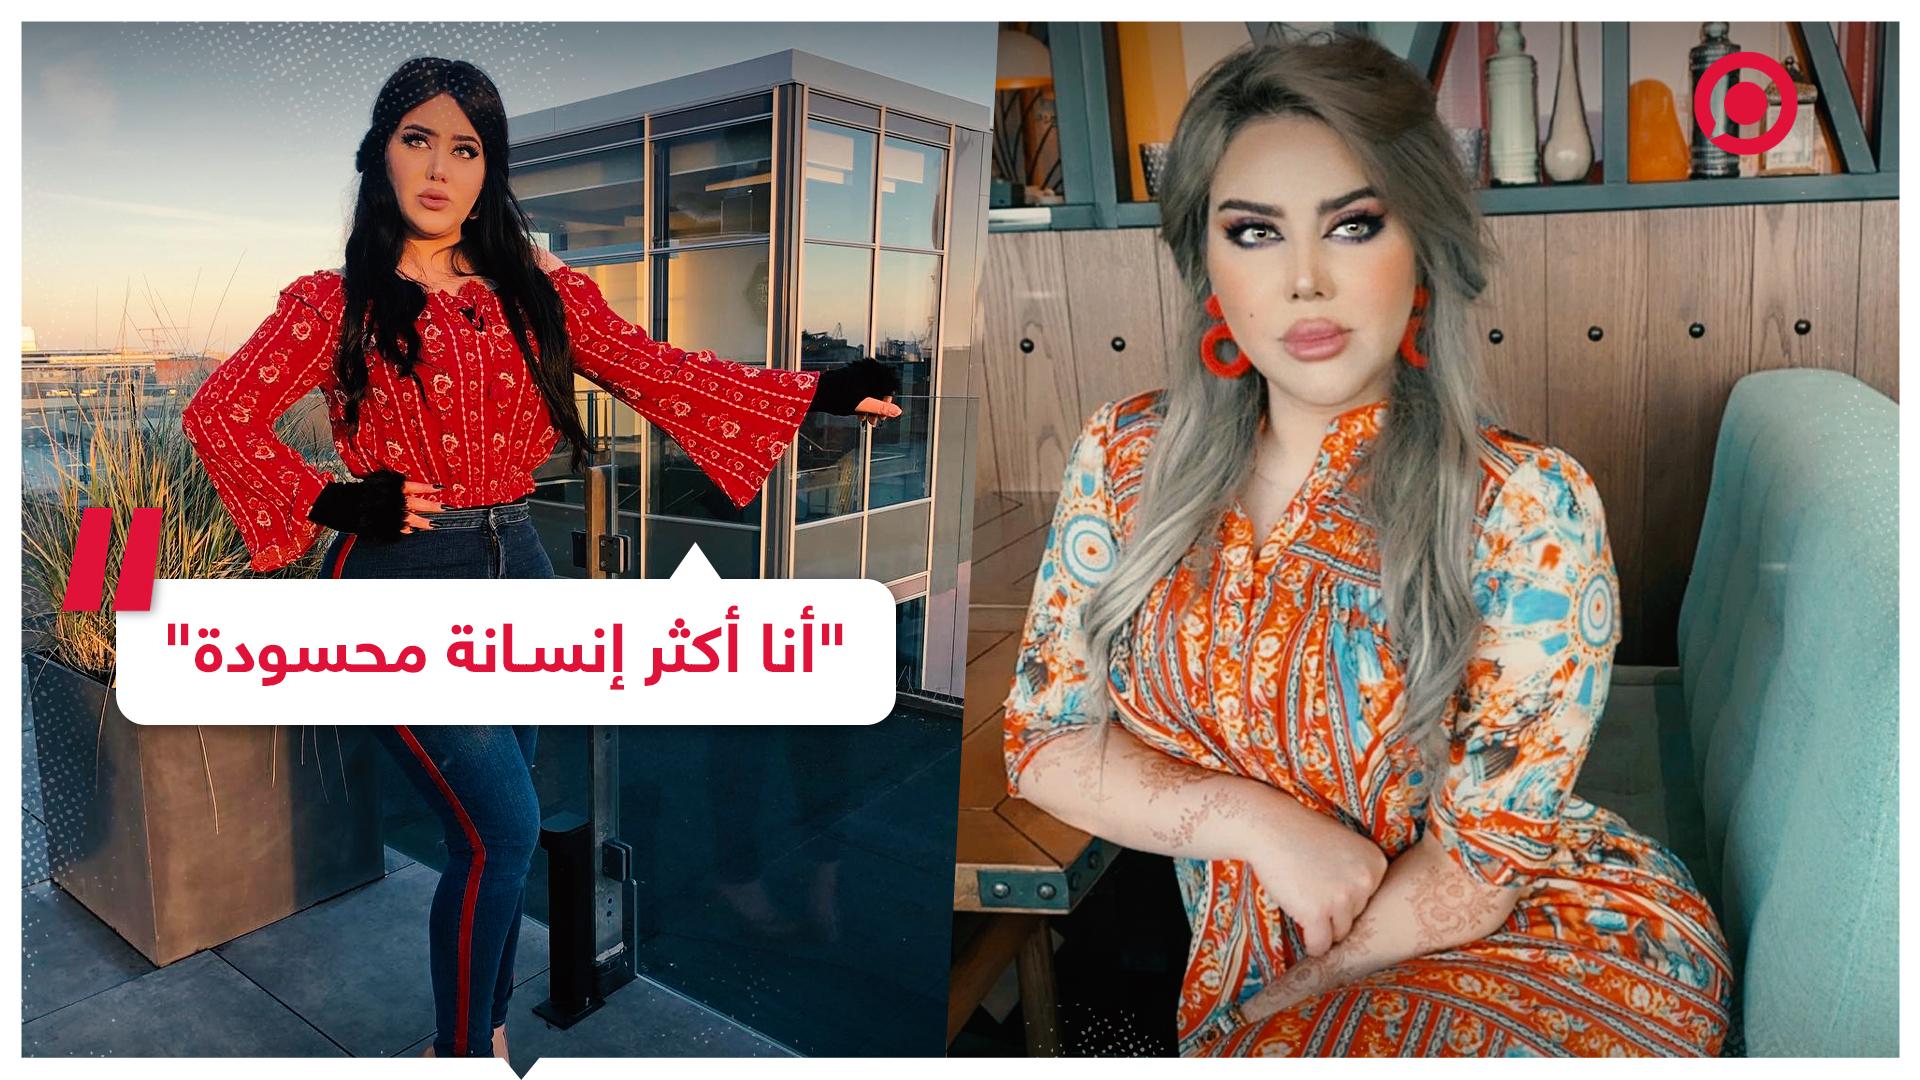 فنانة سورية مقيمة في الإمارات تثير الجدل بتصريحاتها حول